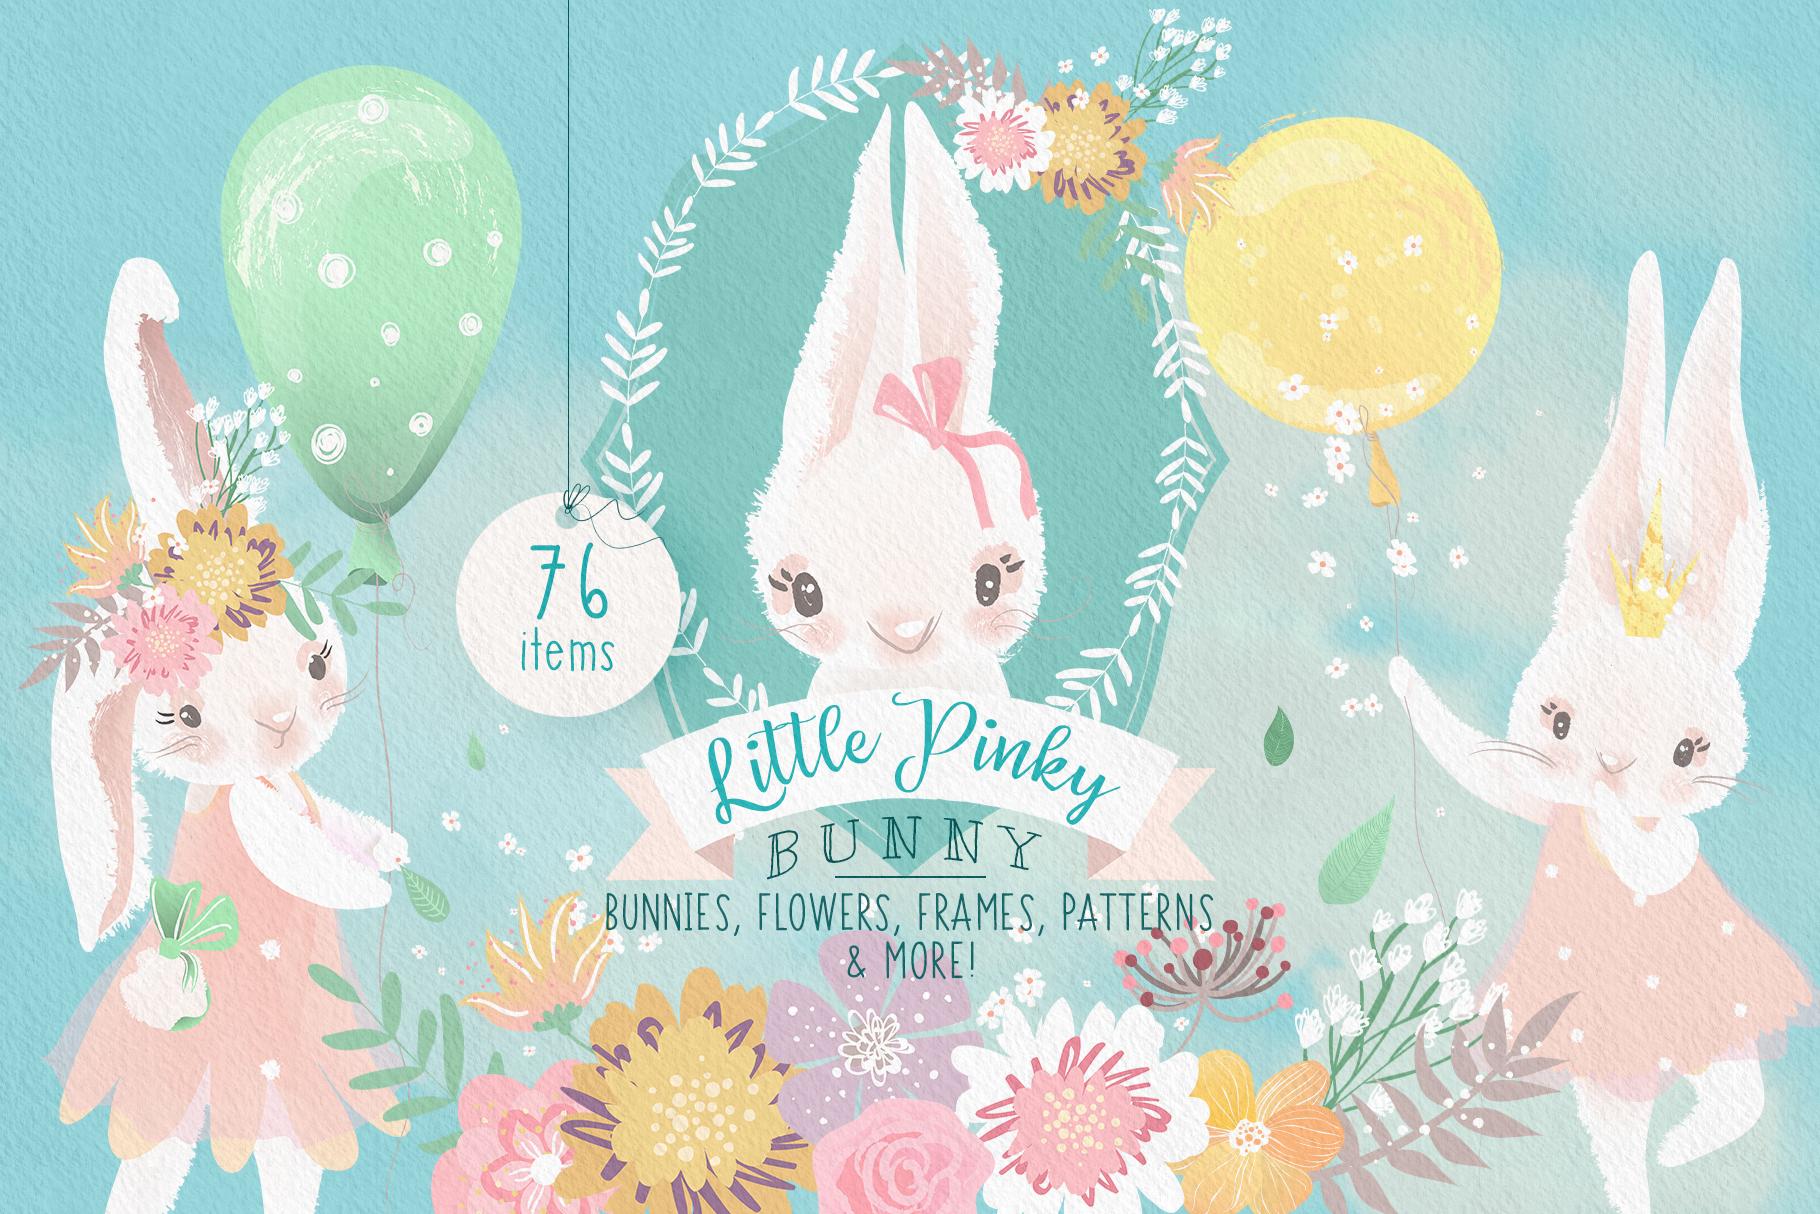 Little Pinky Bunny example image 1